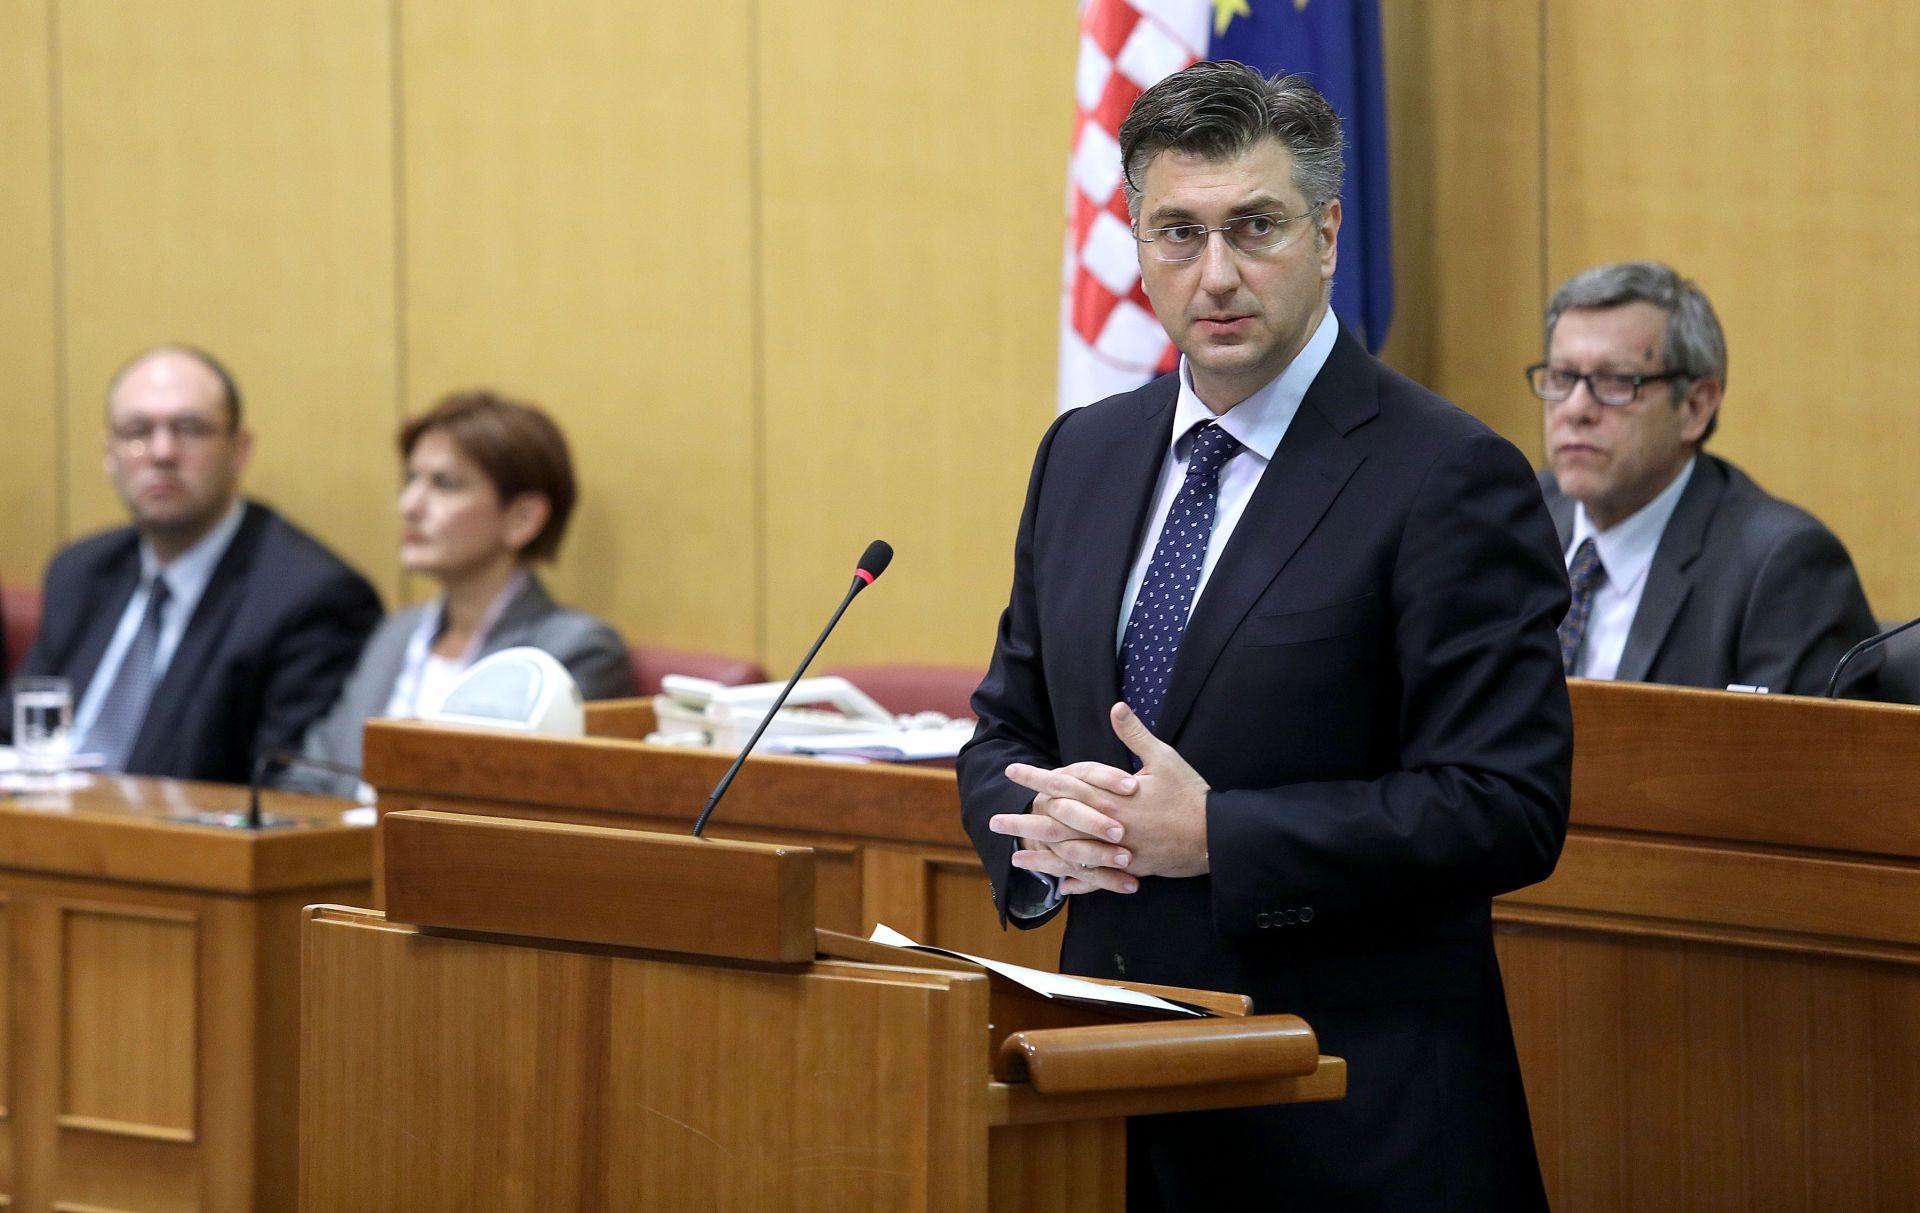 FORUM U DAVOSU Plenković: 'Na dnevnom redu su i teme interesa hrvatskih kompanija na tržištu u Srbiji'